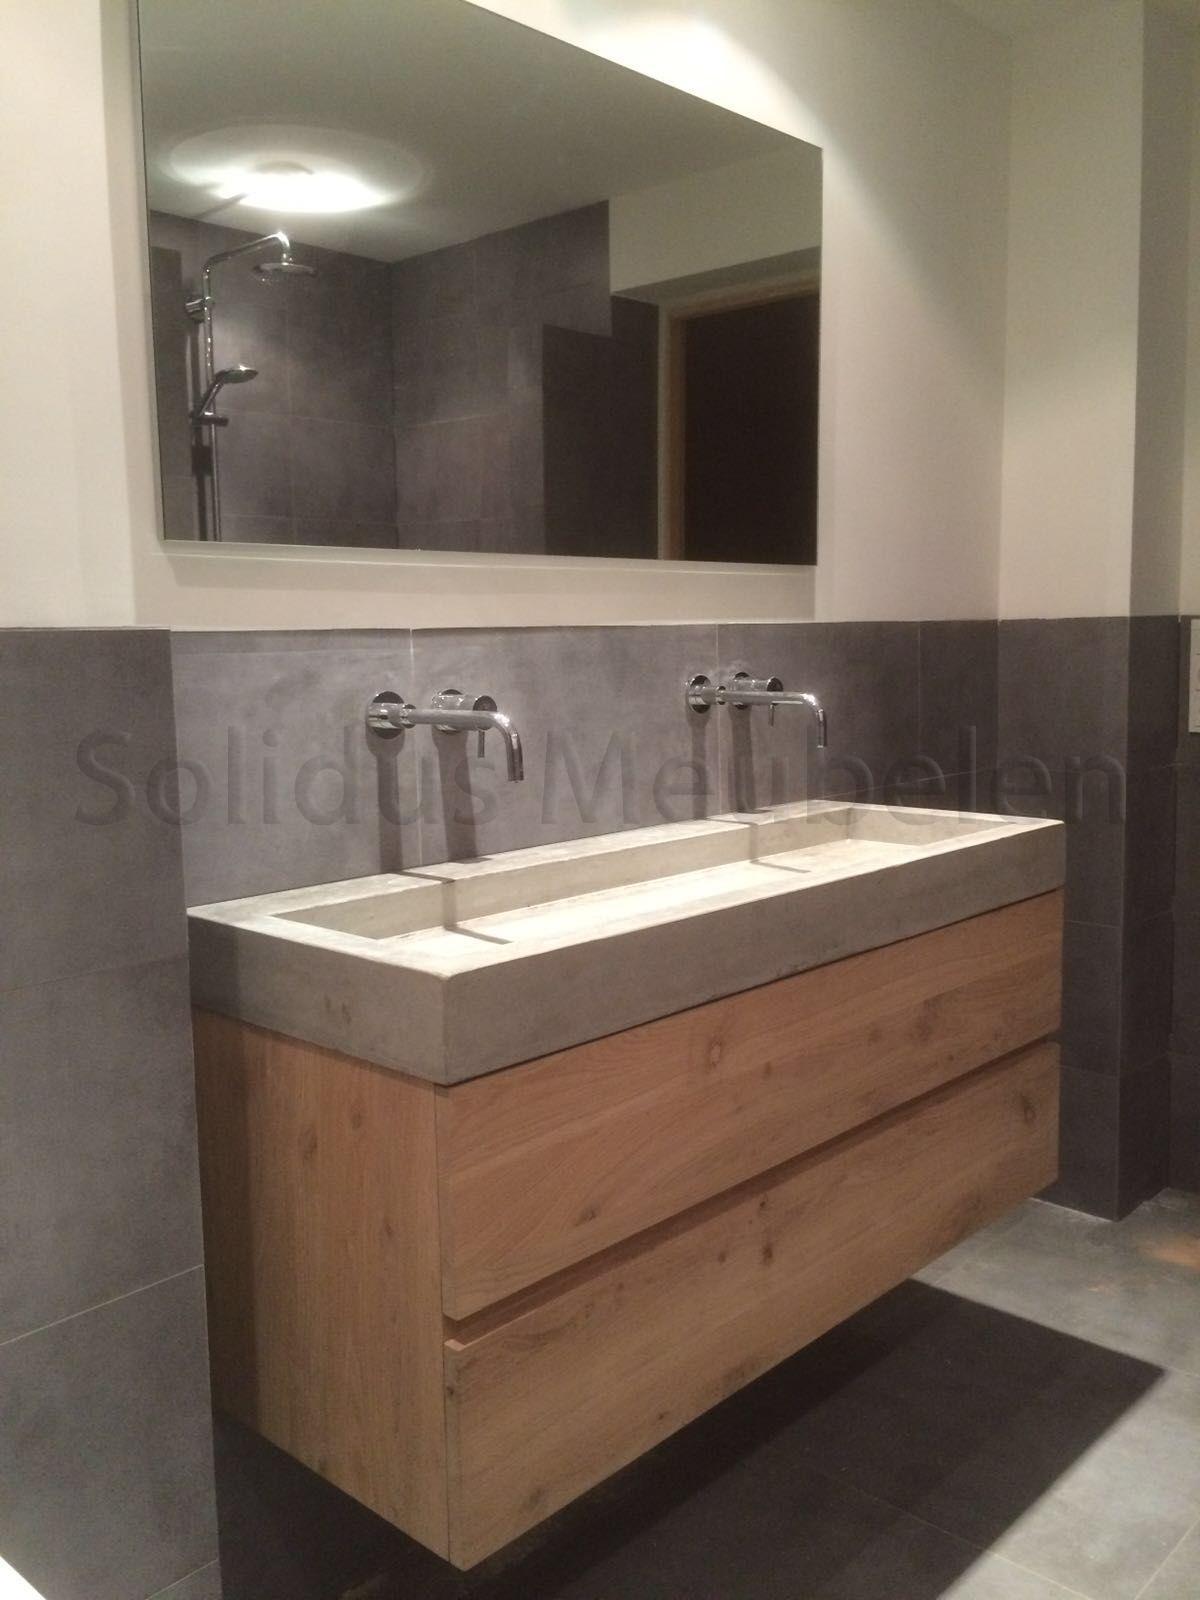 badkamermeubel van eikenhout en beton op maat gemaakt